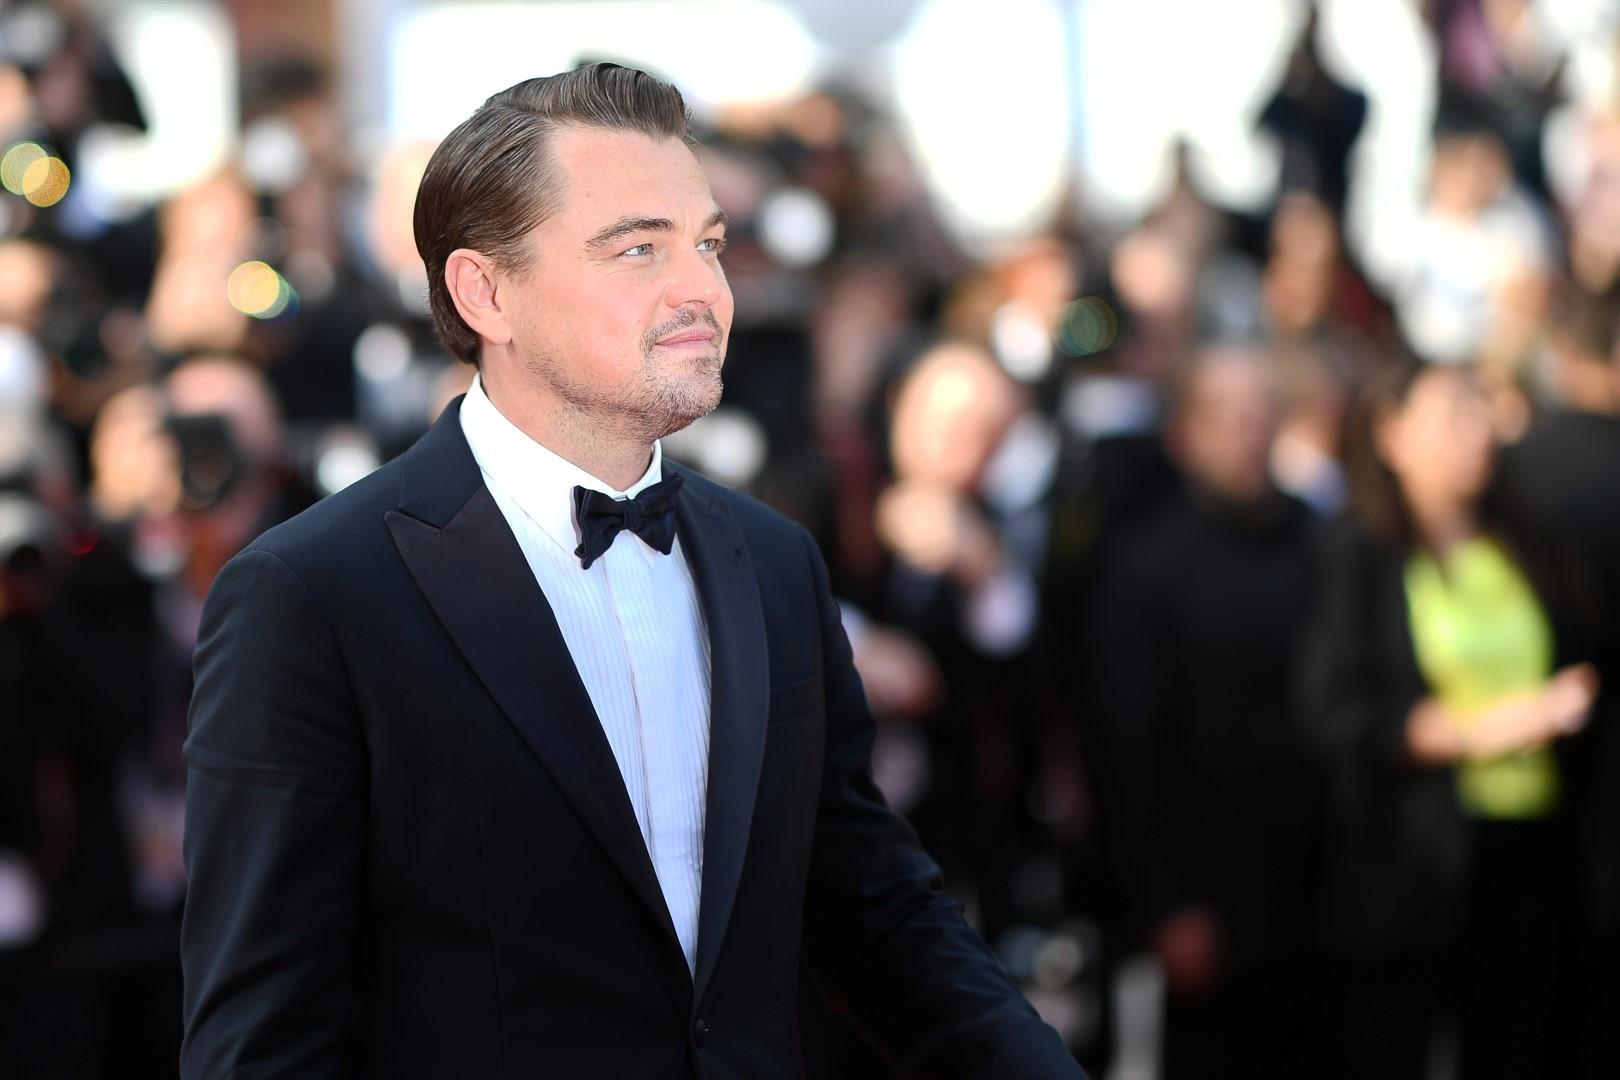 Uomo, al Festival di Cannes l'eleganza delle star 'nascosta' nei dettagli